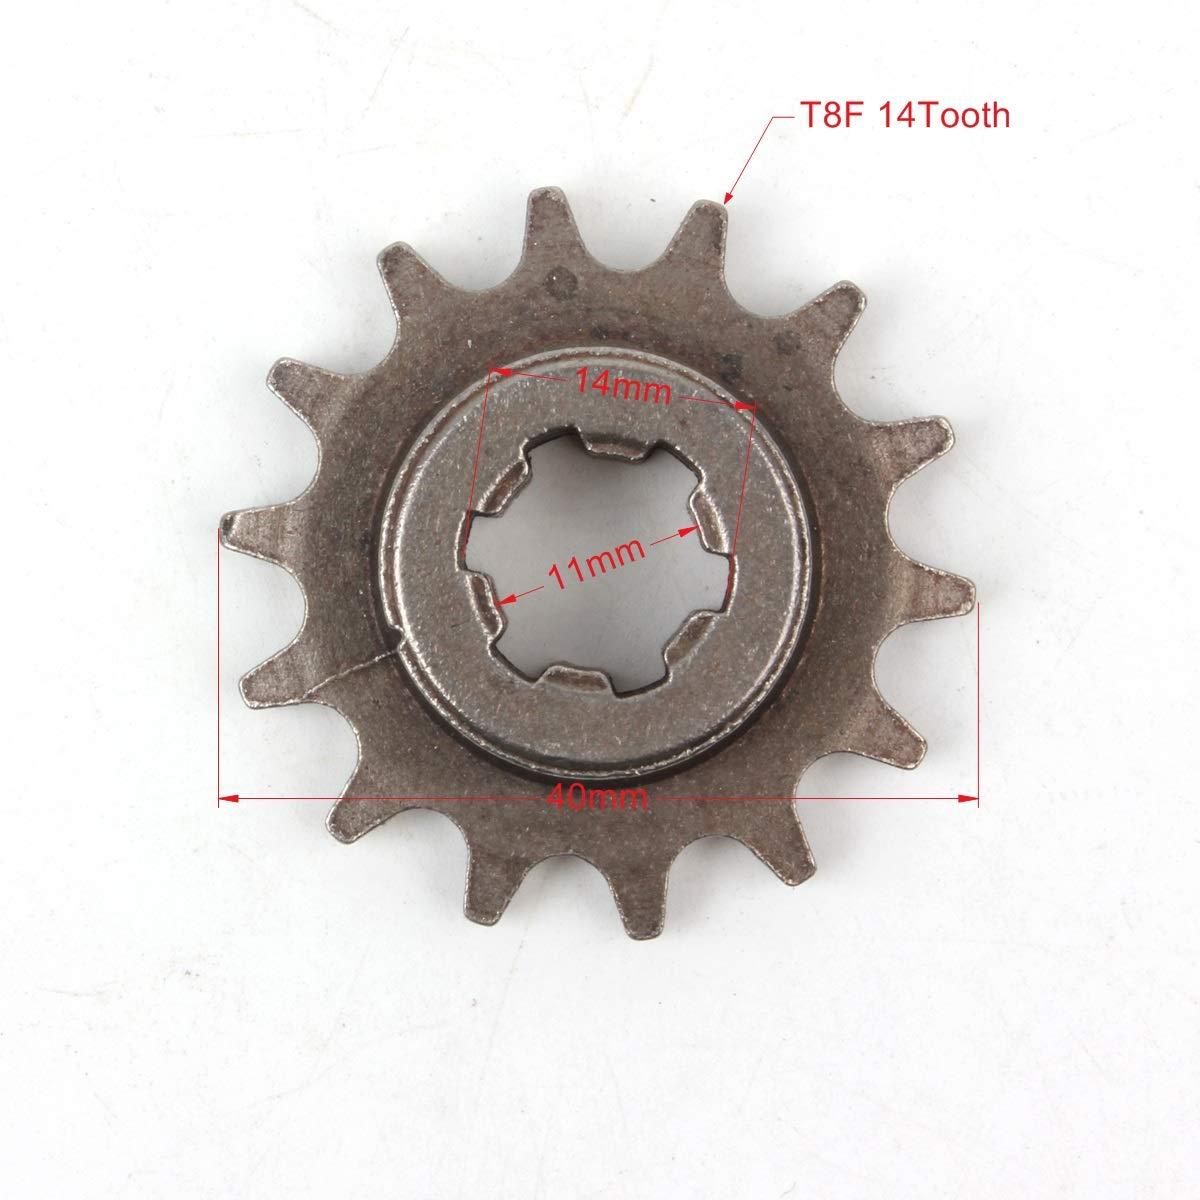 PRO CAKEN T8F 14T Front Pinion Clutch Gear Box Chain Sprocket 47cc 49cc Dirt Bike Minimoto T8F Pitch 14 Teeth